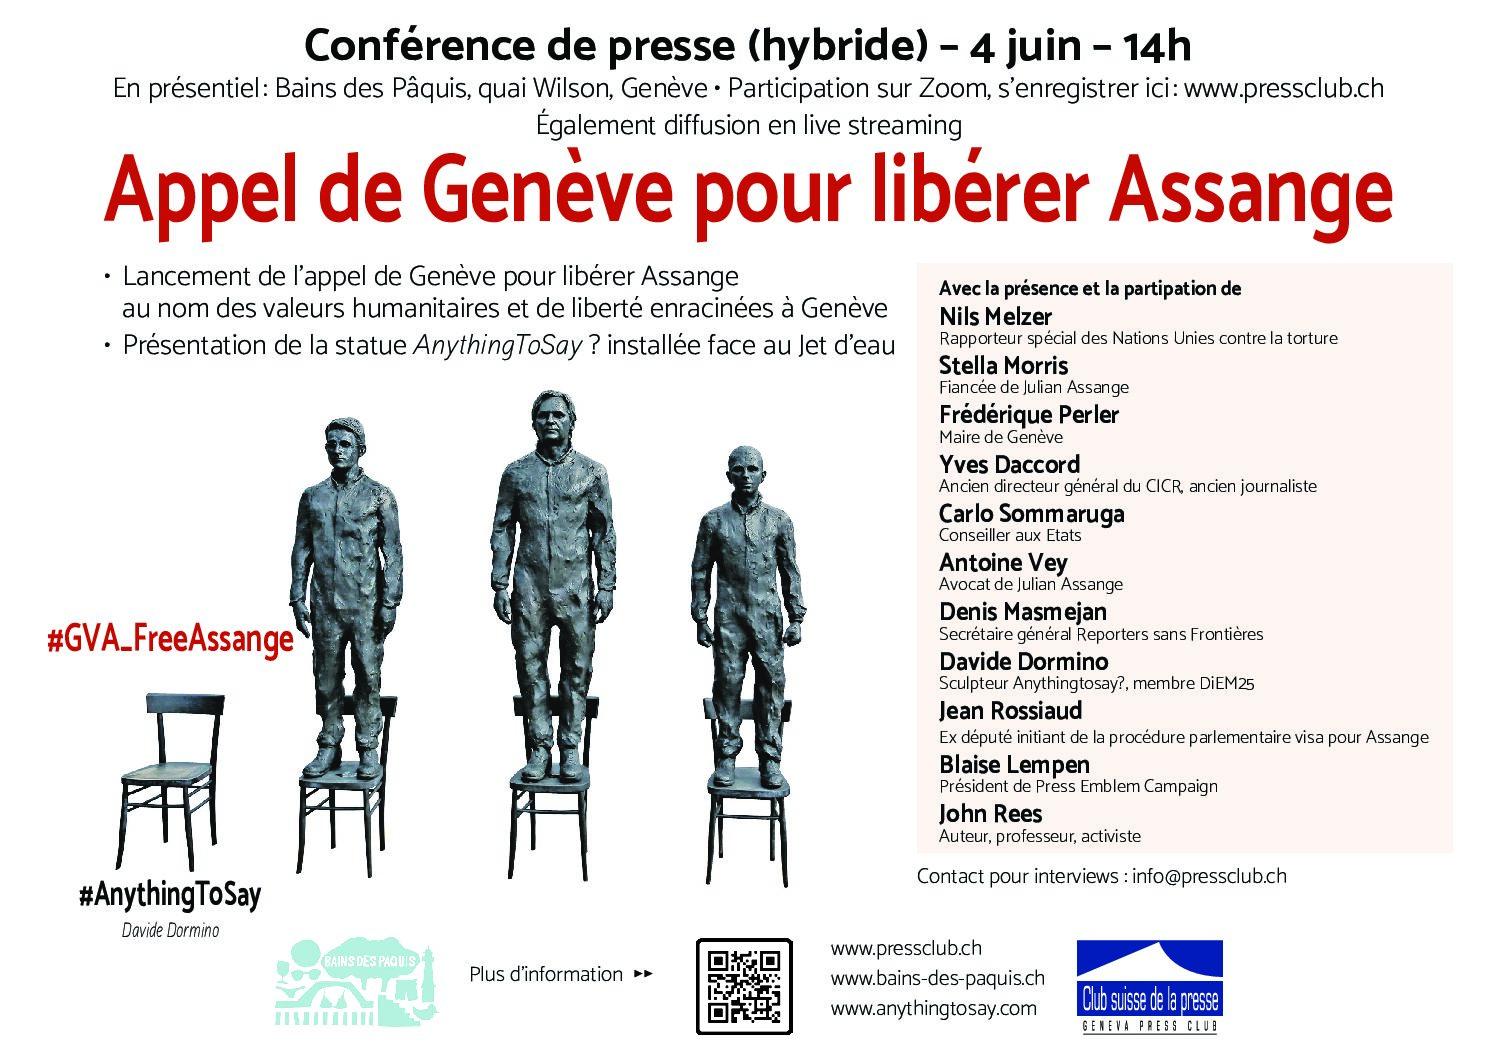 RSF s'associe à l'«Appel de Genève pour libérer Assange» lancé ce vendredi